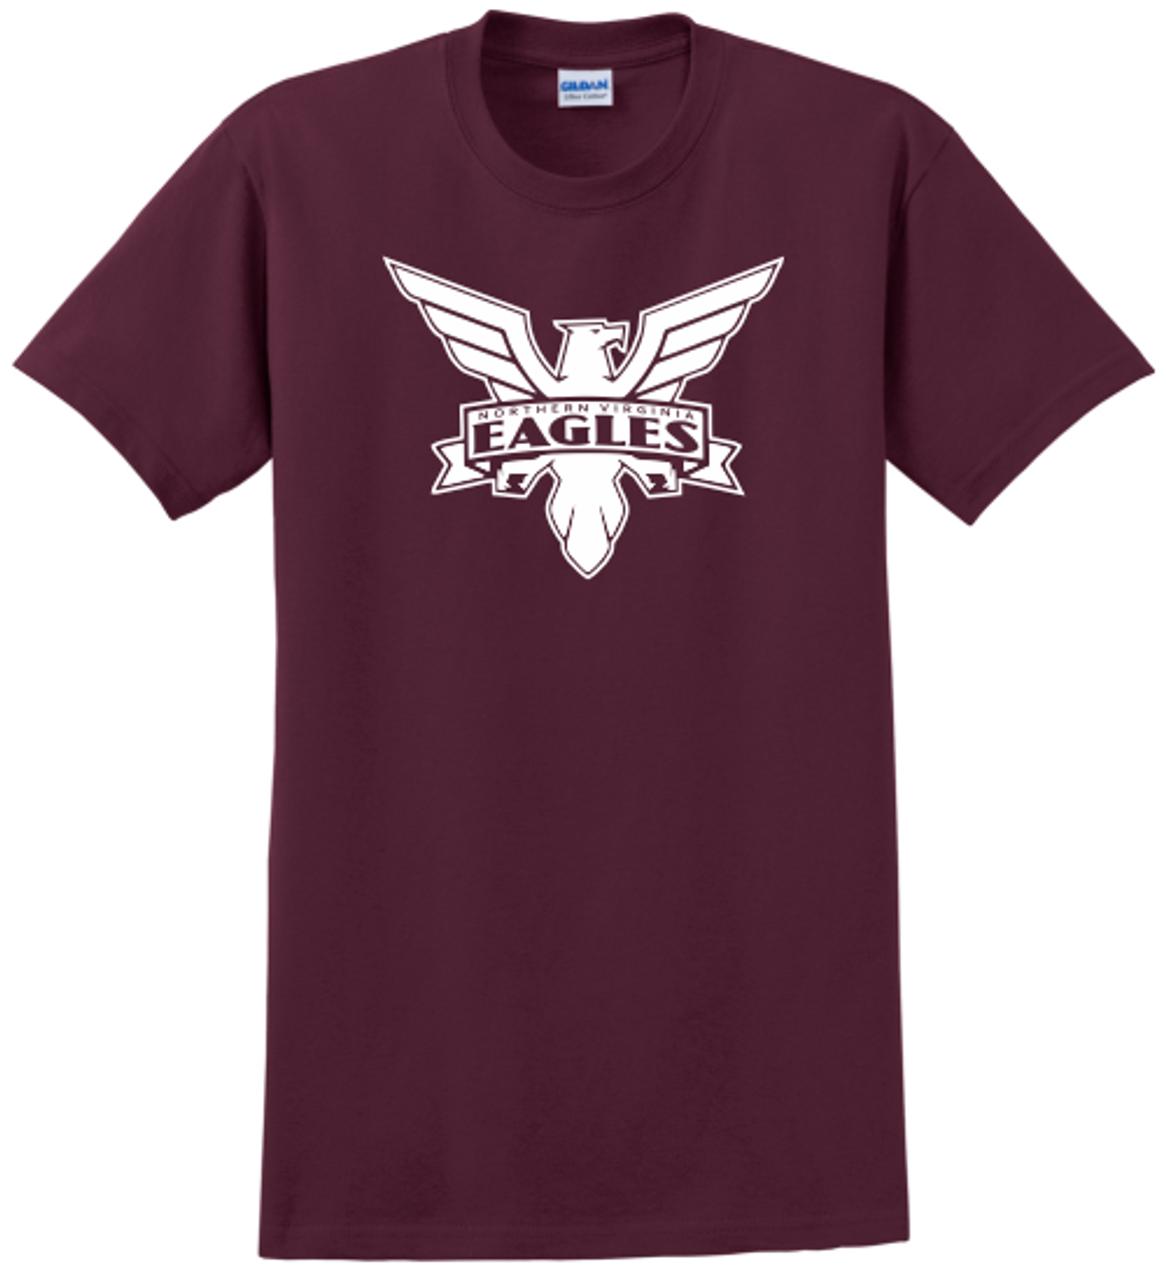 NOVA Eagles Tee, Maroon